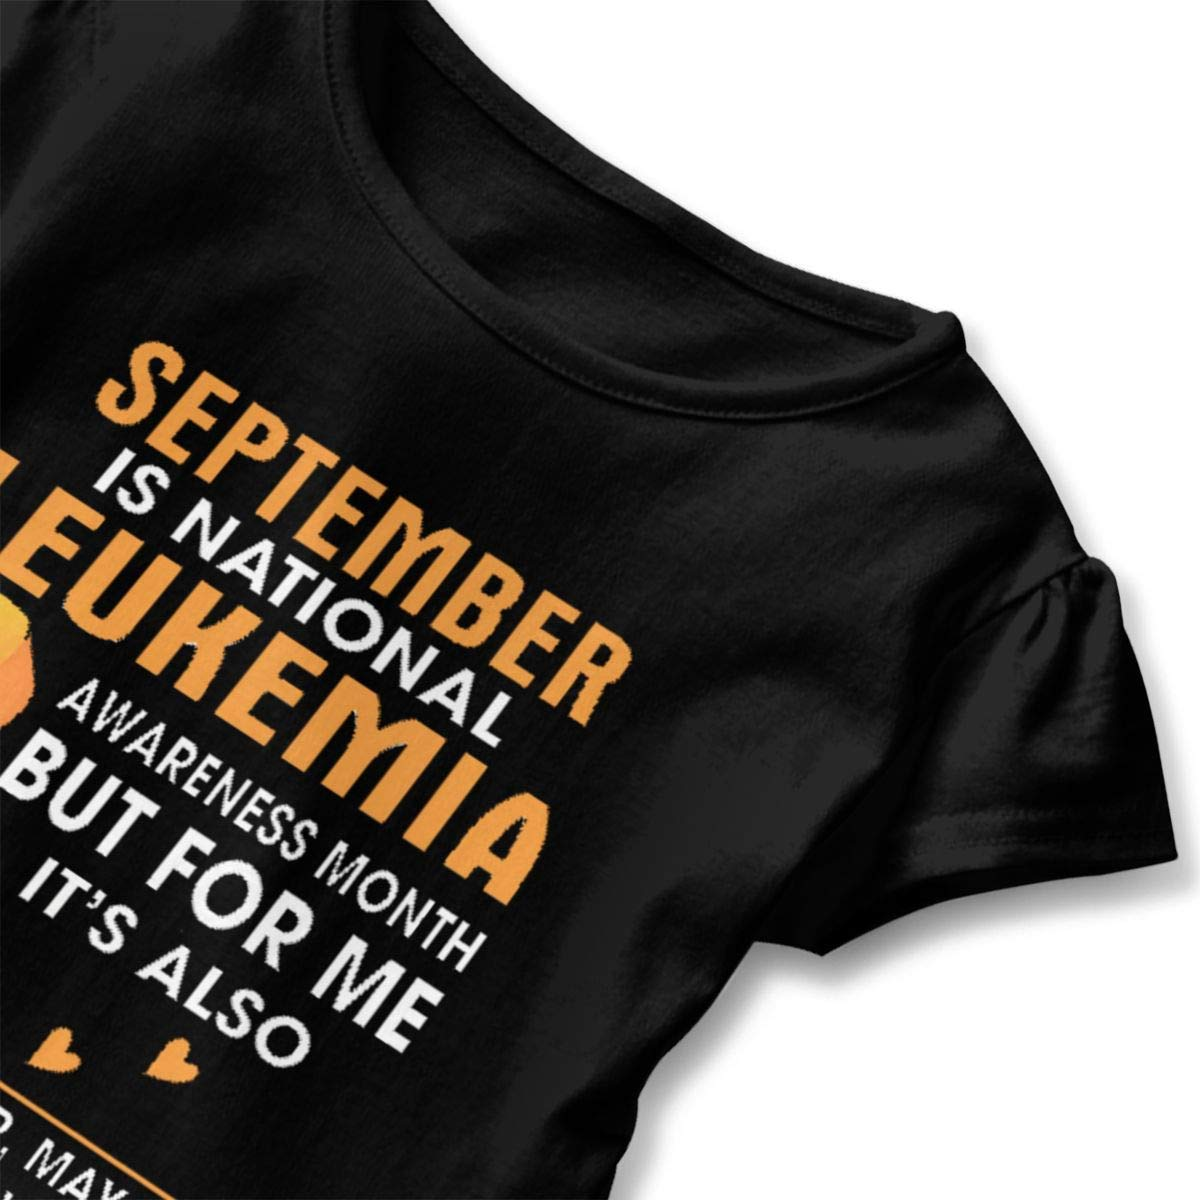 lu fangfangc September is Leukemia Awareness Month T-Shirt Kids Flounced T Shirts Comfort Tops for 2-6T Baby Girls